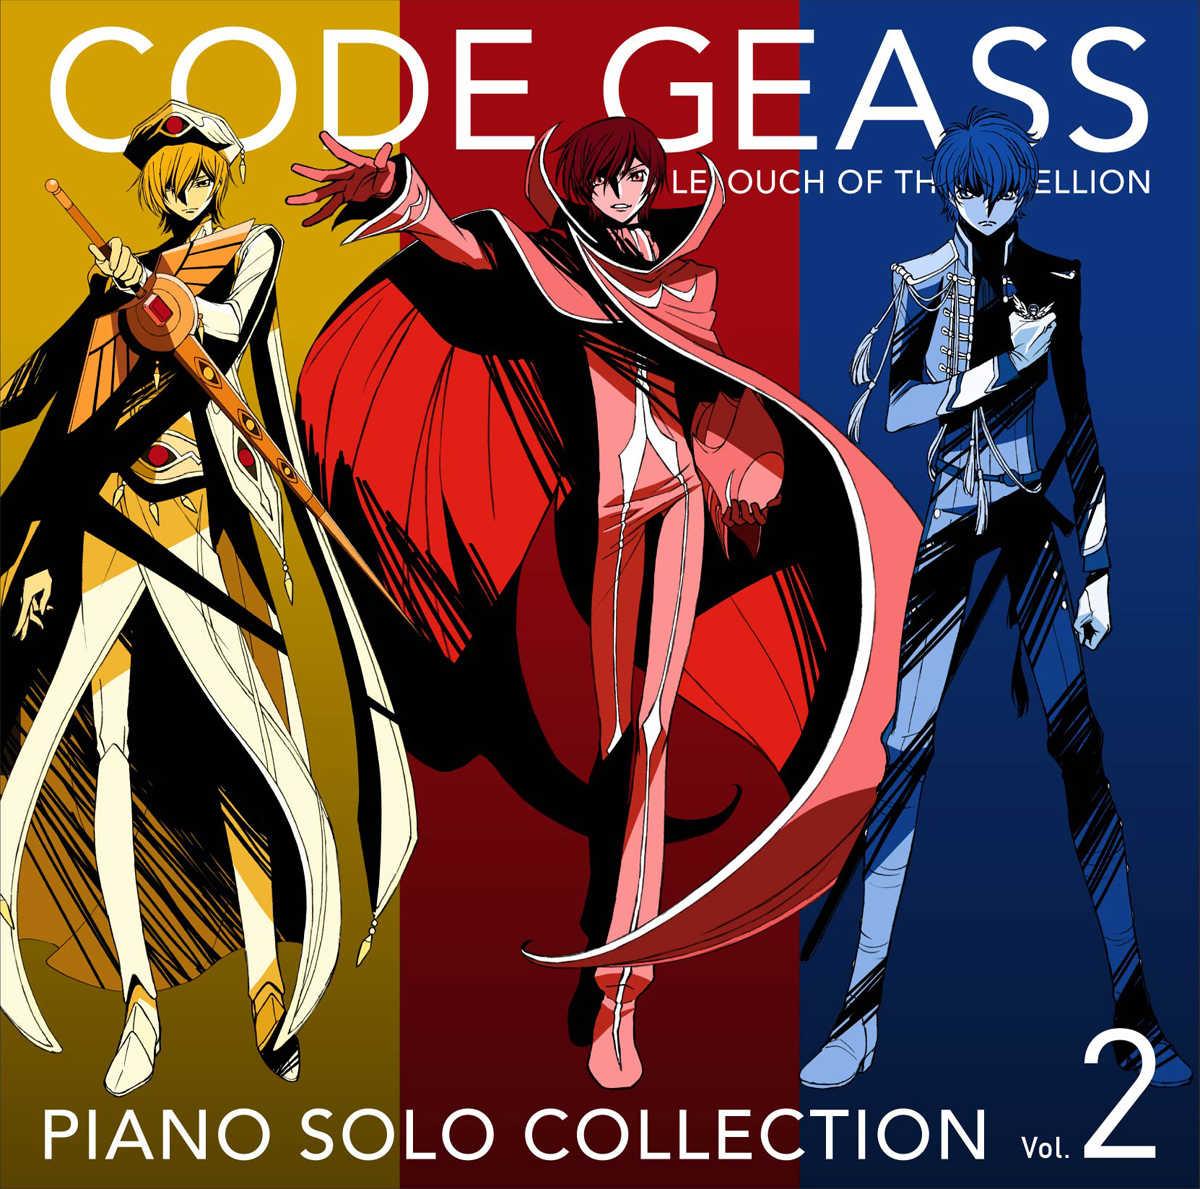 アルバム『コードギアス 反逆のルルーシュ ピアノソロコレクション Vol.2』